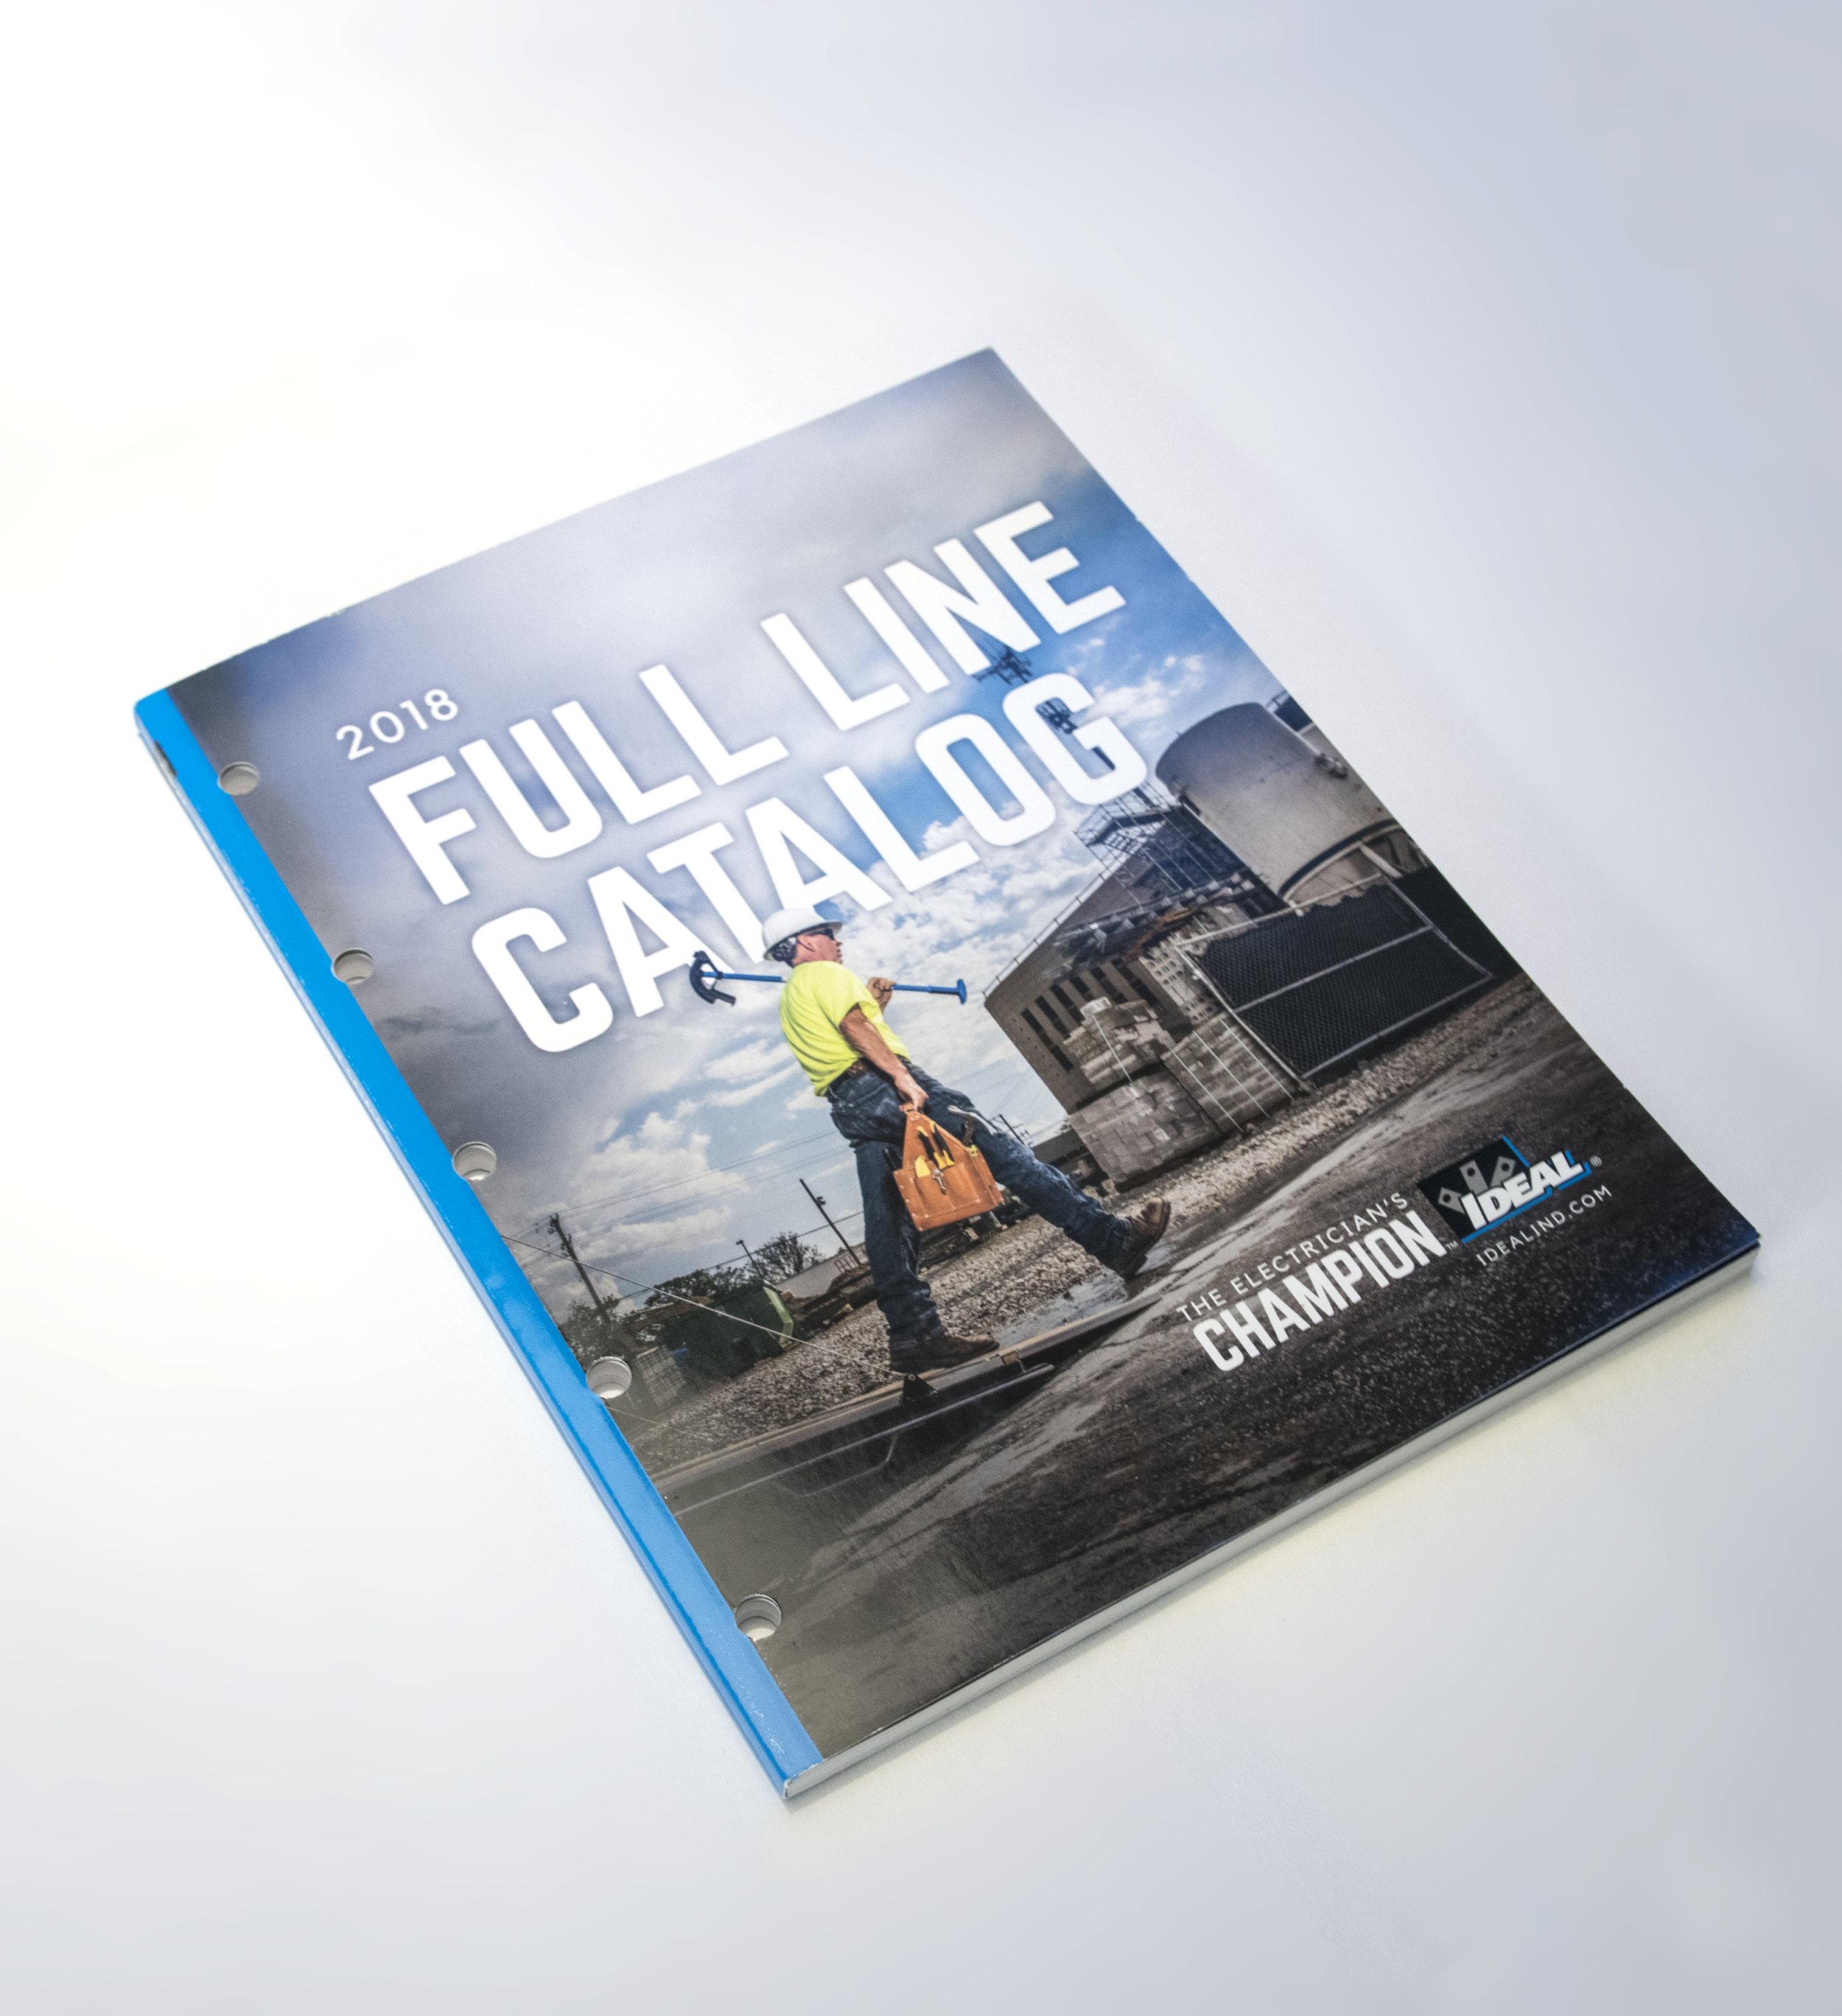 catalog_cover.jpg